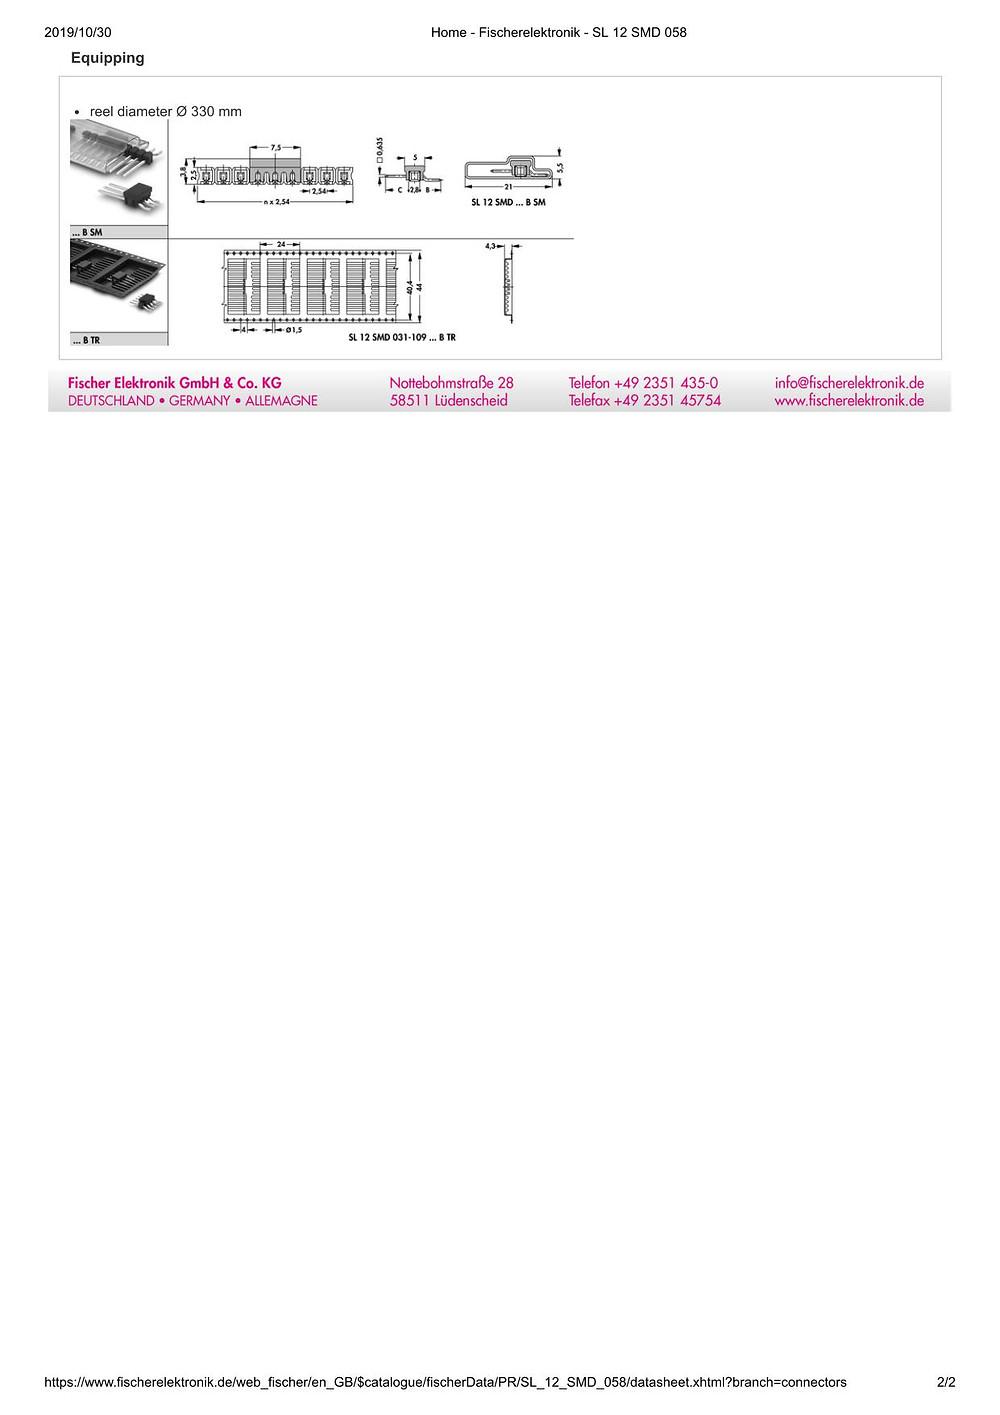 SL 12 SMD 058 フィッシャー テープ&リール対応 ピンヘッダ ライトアングル1列 2.54㎜ピッチ □0.635mm 2-20ピン